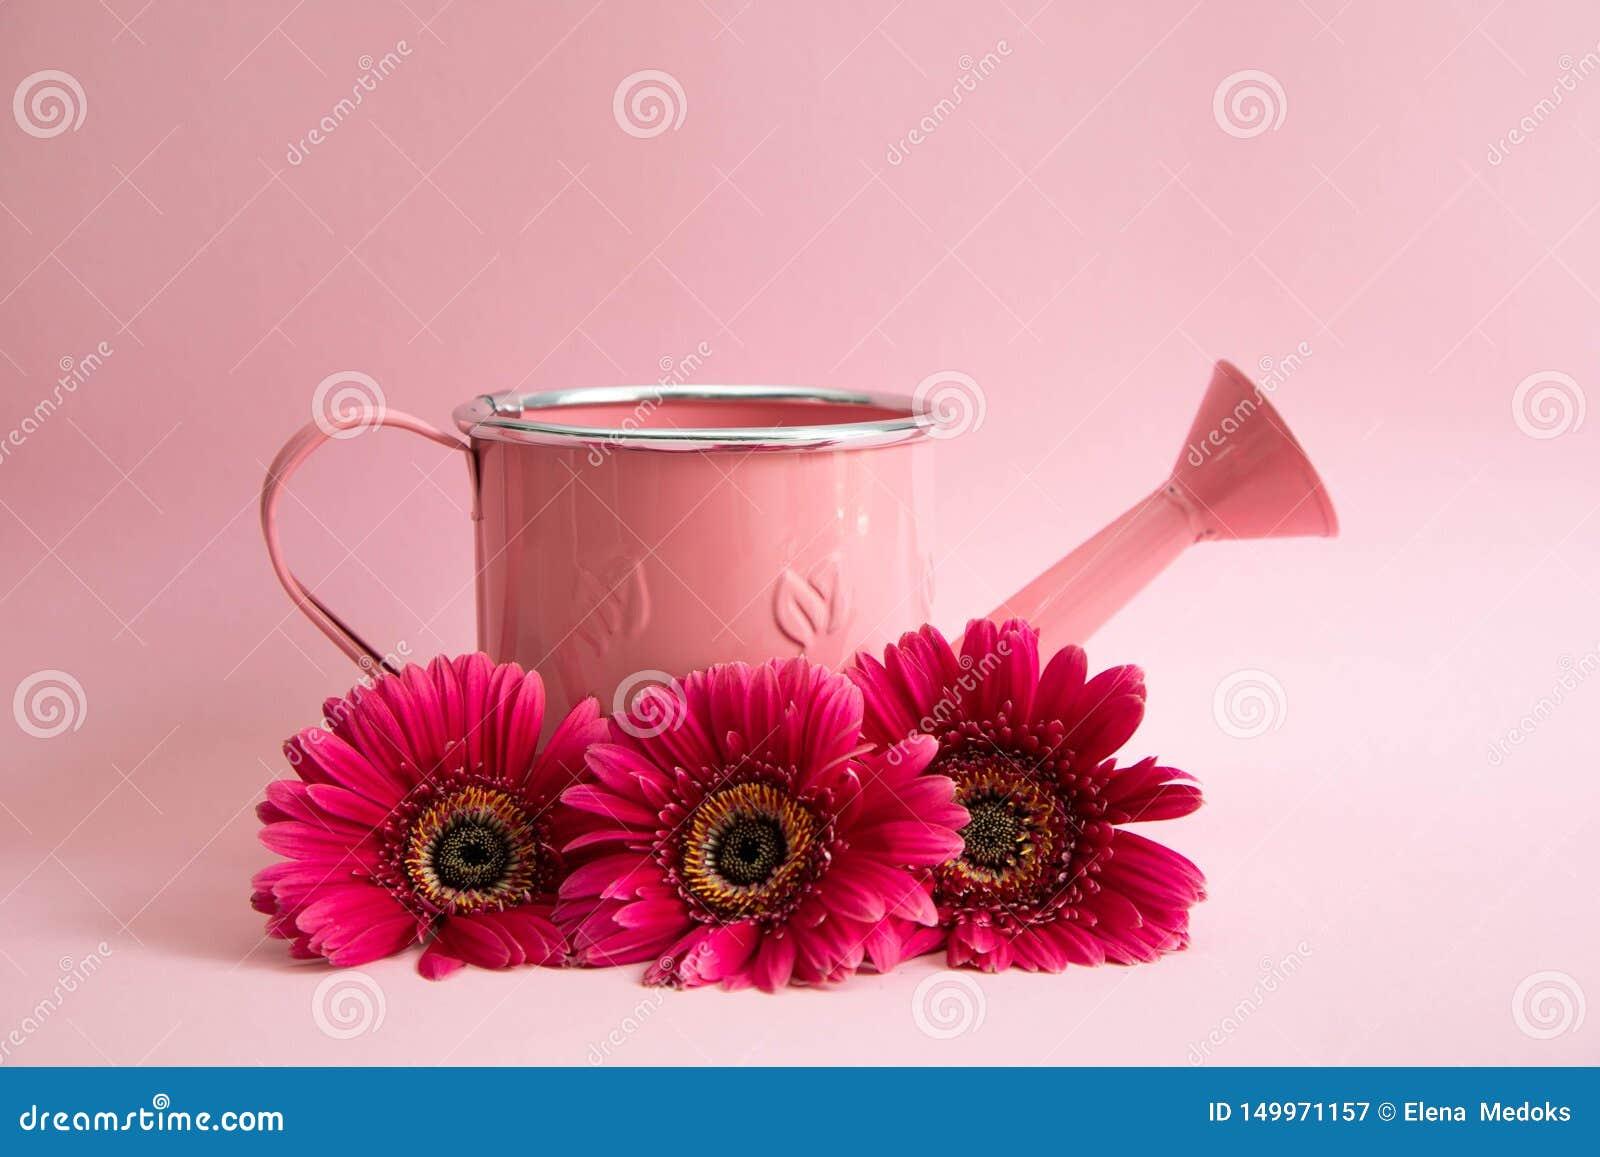 Lata molhando cor-de-rosa vazia com as três flores de gerberas vermelhos Ao lado da lata molhando são três margaridas carmesins e